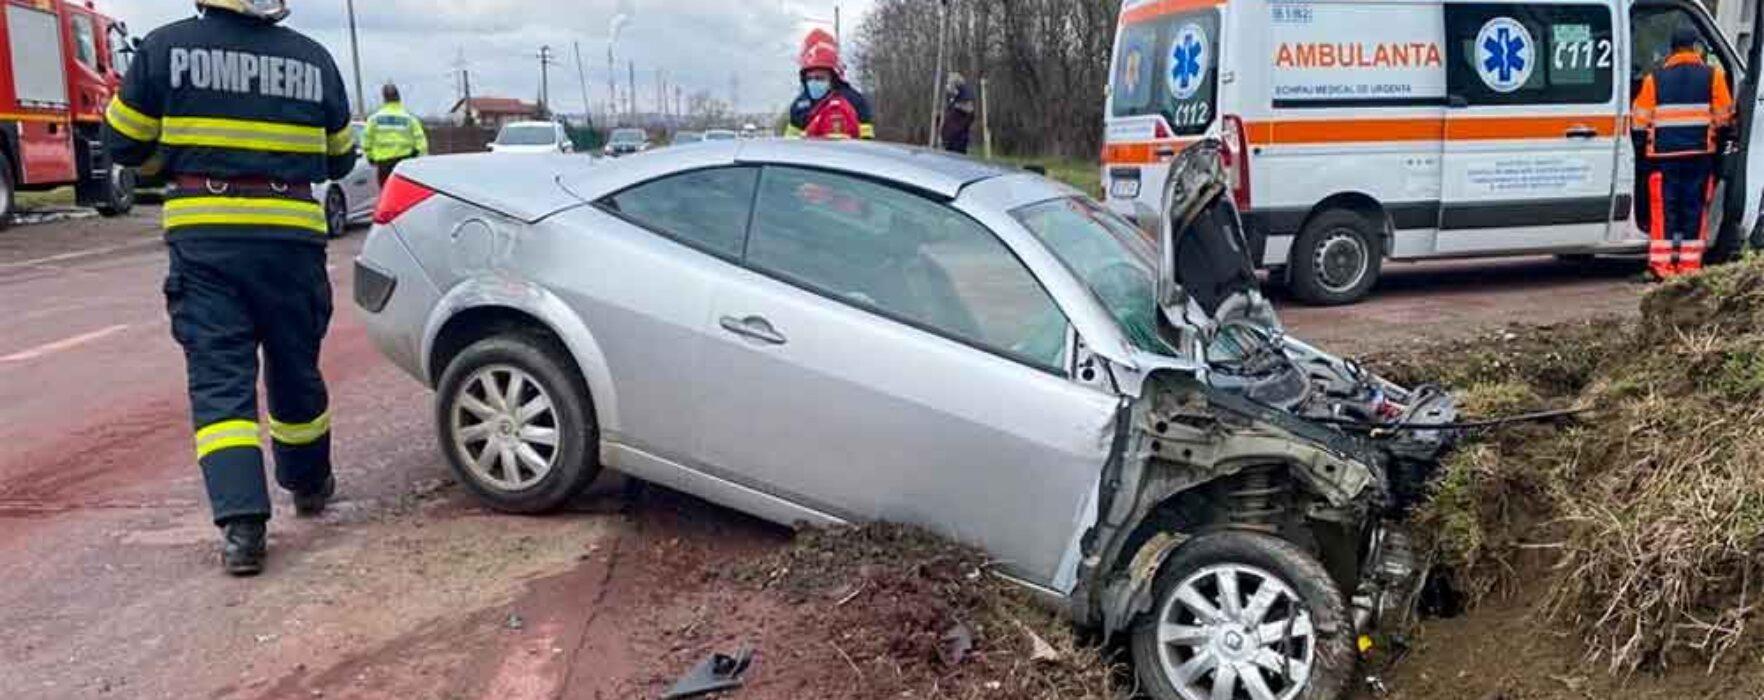 Dâmboviţa: Trei persoane rănite într-un accident pe DN 71, la Aninoasa